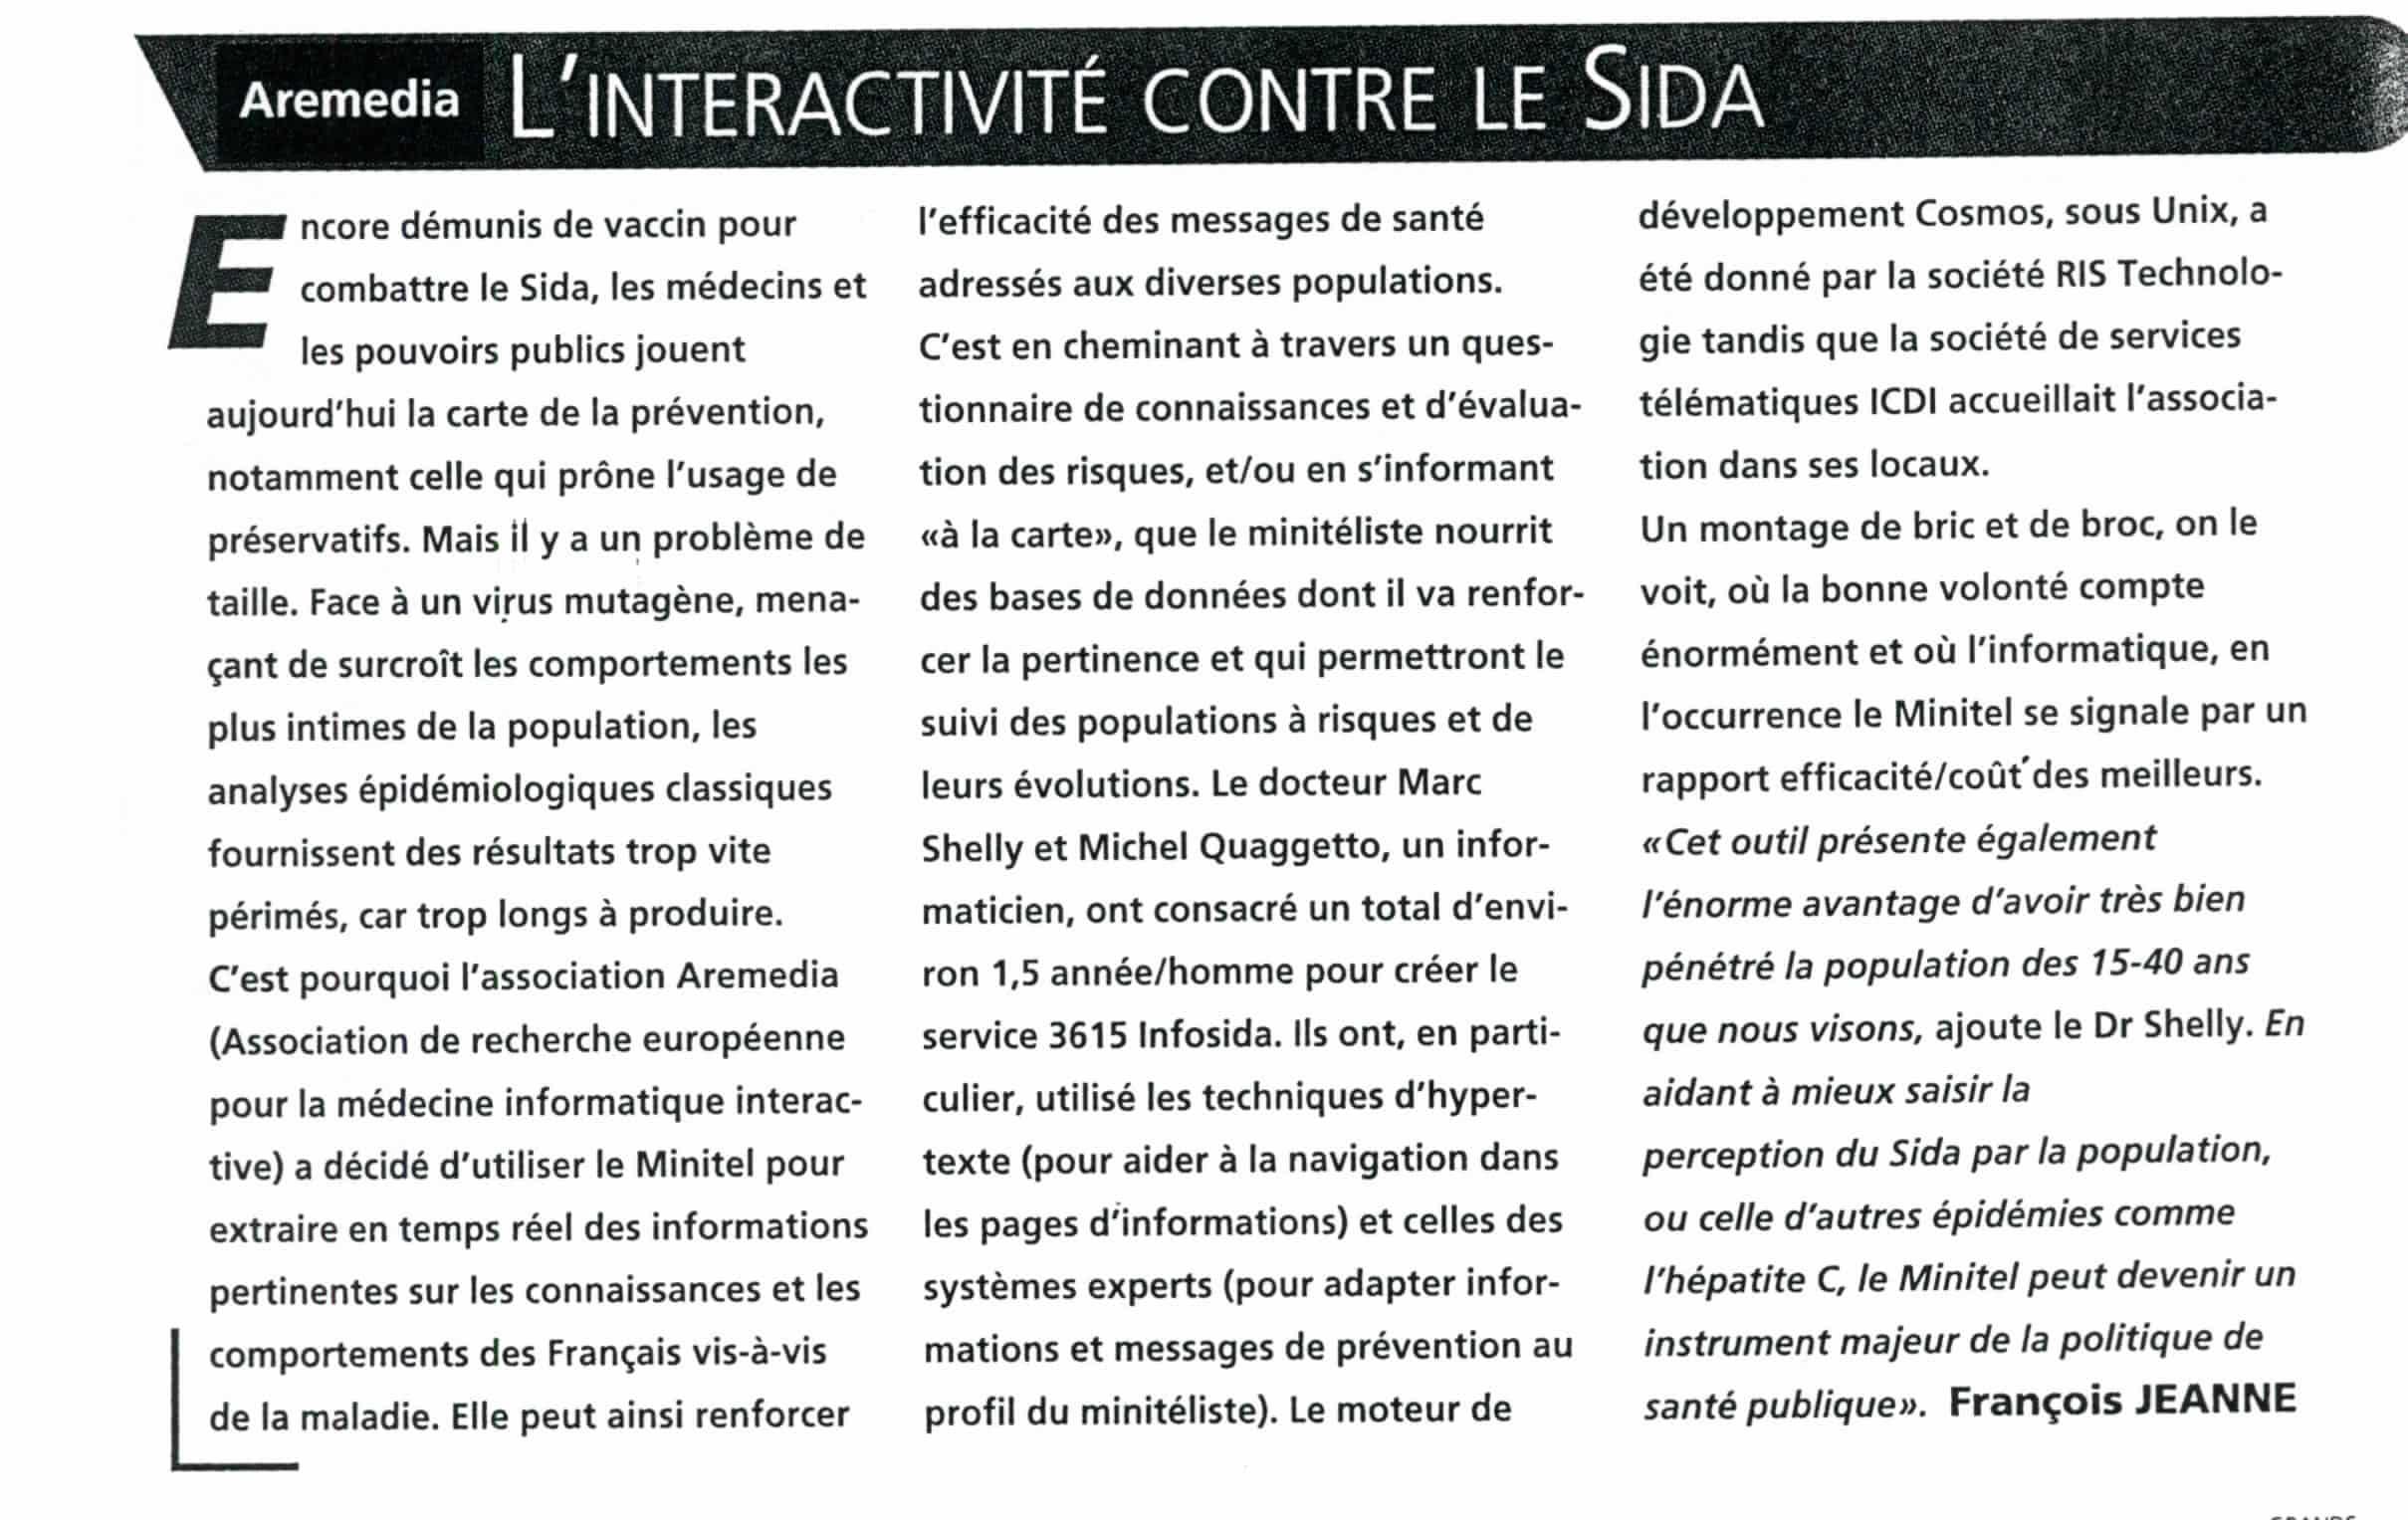 L'interactivité contre le Sida